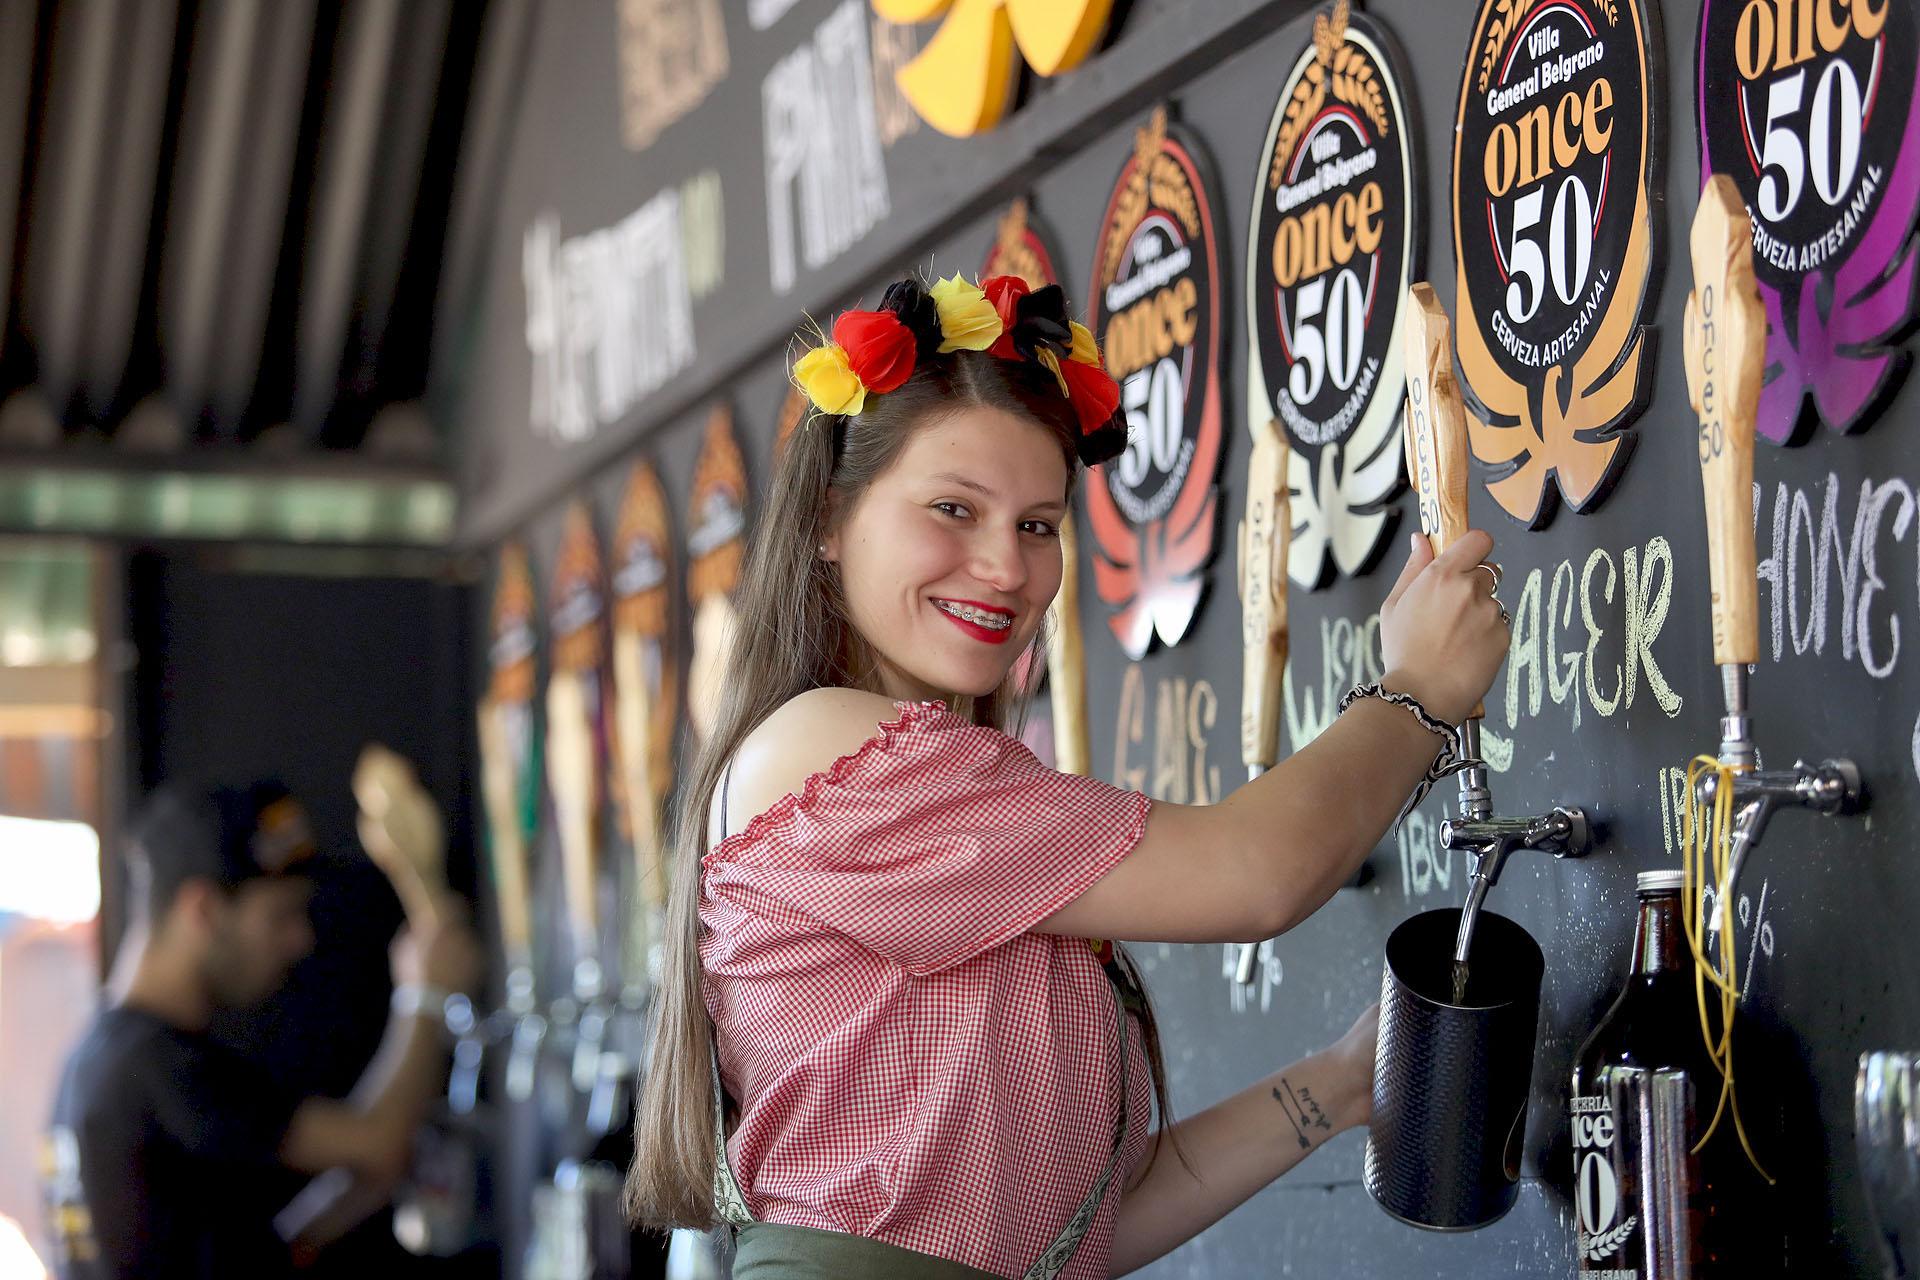 Hay más de 12 tipos de cervezas artesanales para degustar